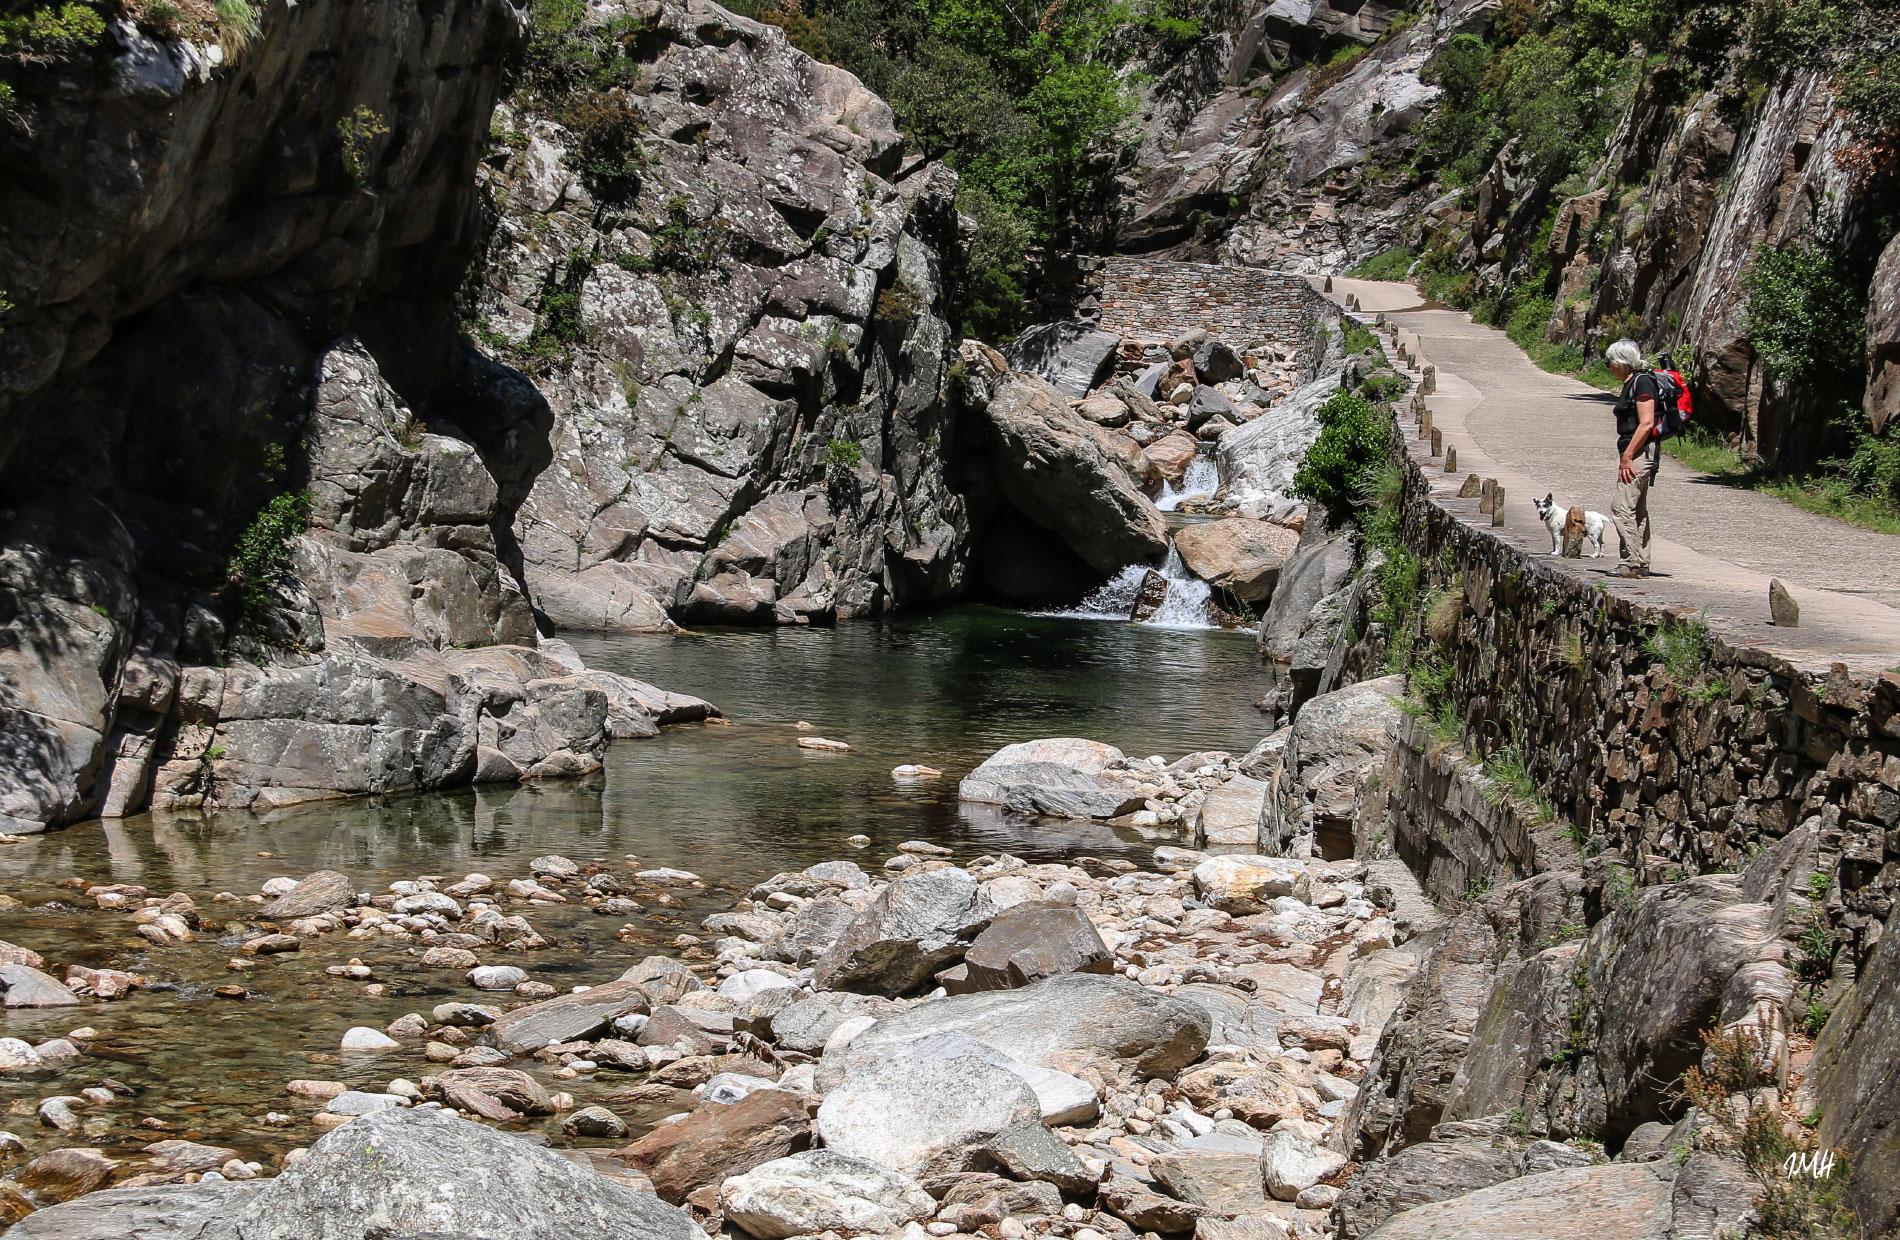 Montagne du Haut Languedoc. Gorges d'Héric. Spectacle du ruisseau